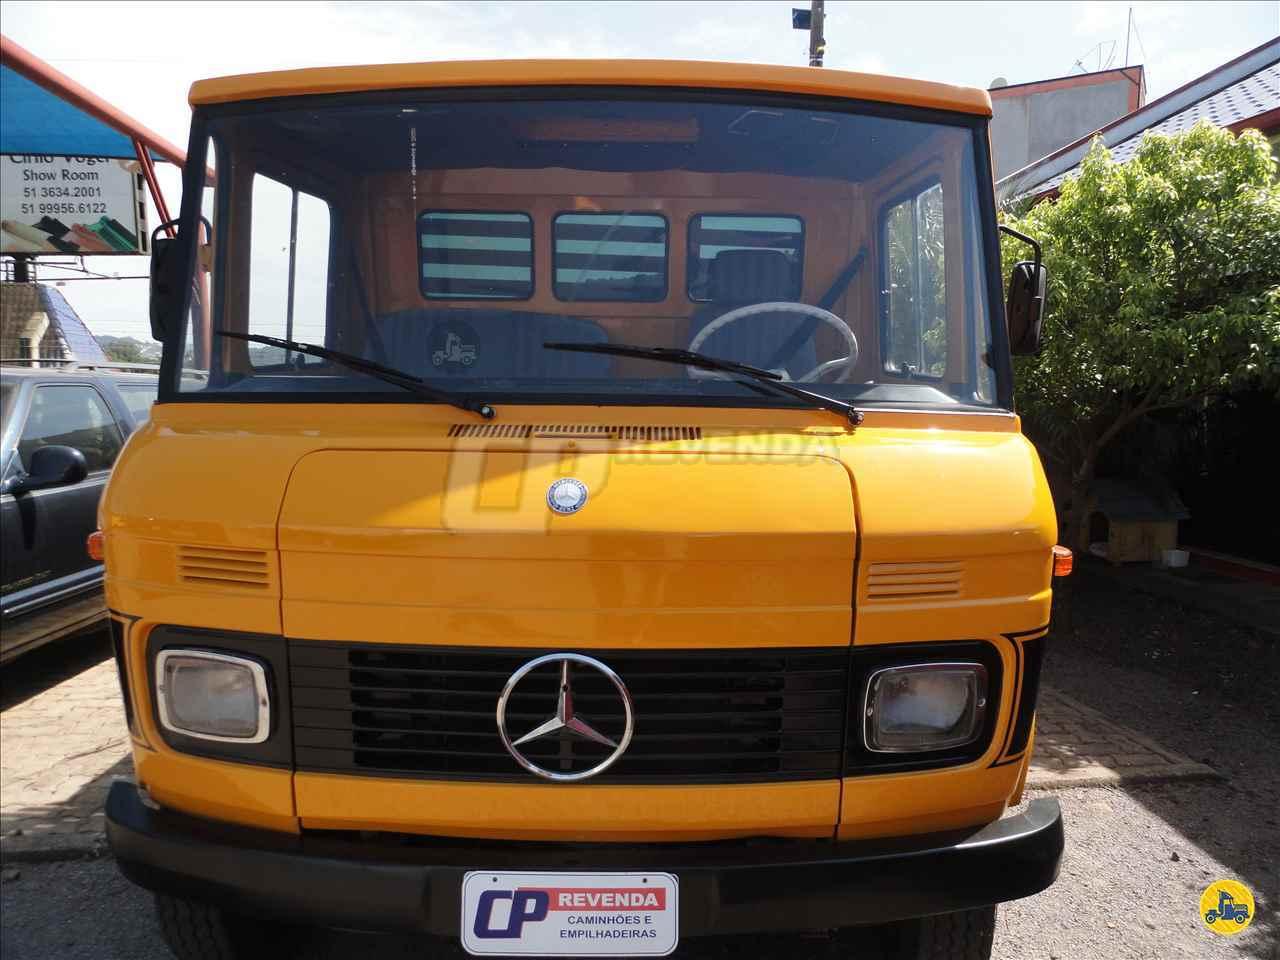 CAMINHAO MERCEDES-BENZ MB 608 Carga Seca 3/4 4x2 CP Revenda BOM PRINCIPIO RIO GRANDE DO SUL RS